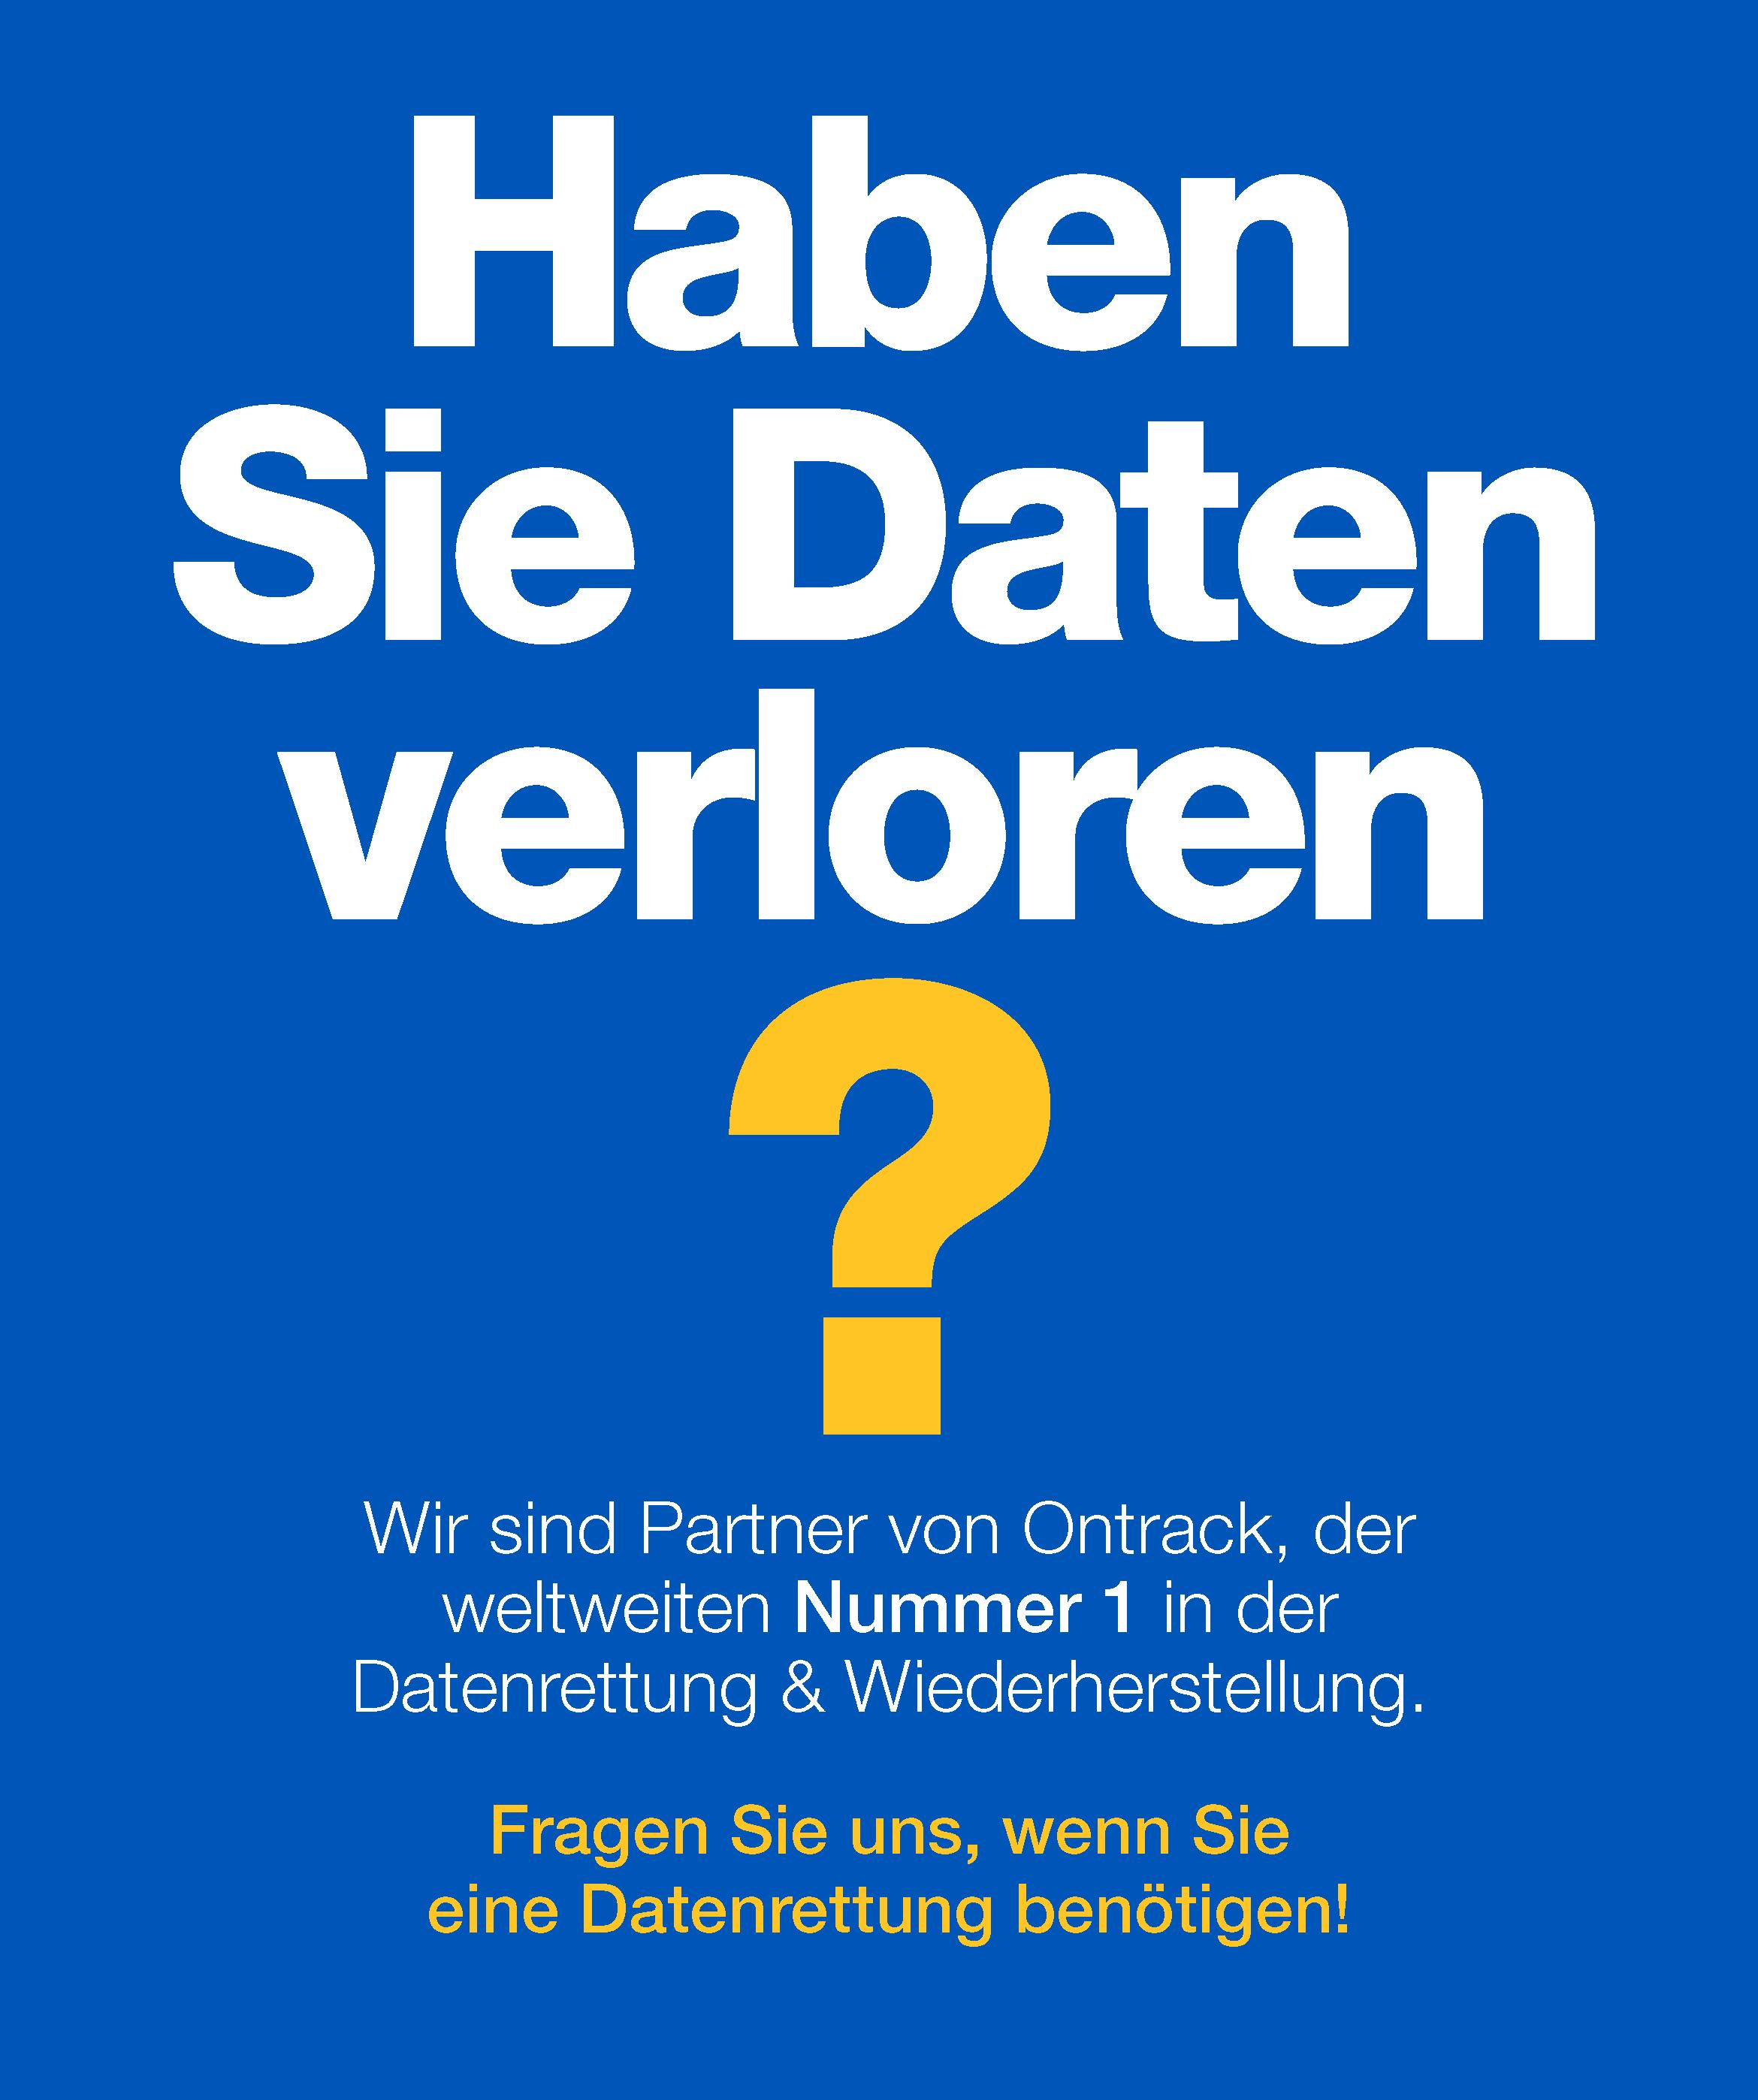 Computerwelt_Geiger_Daten_Verloren